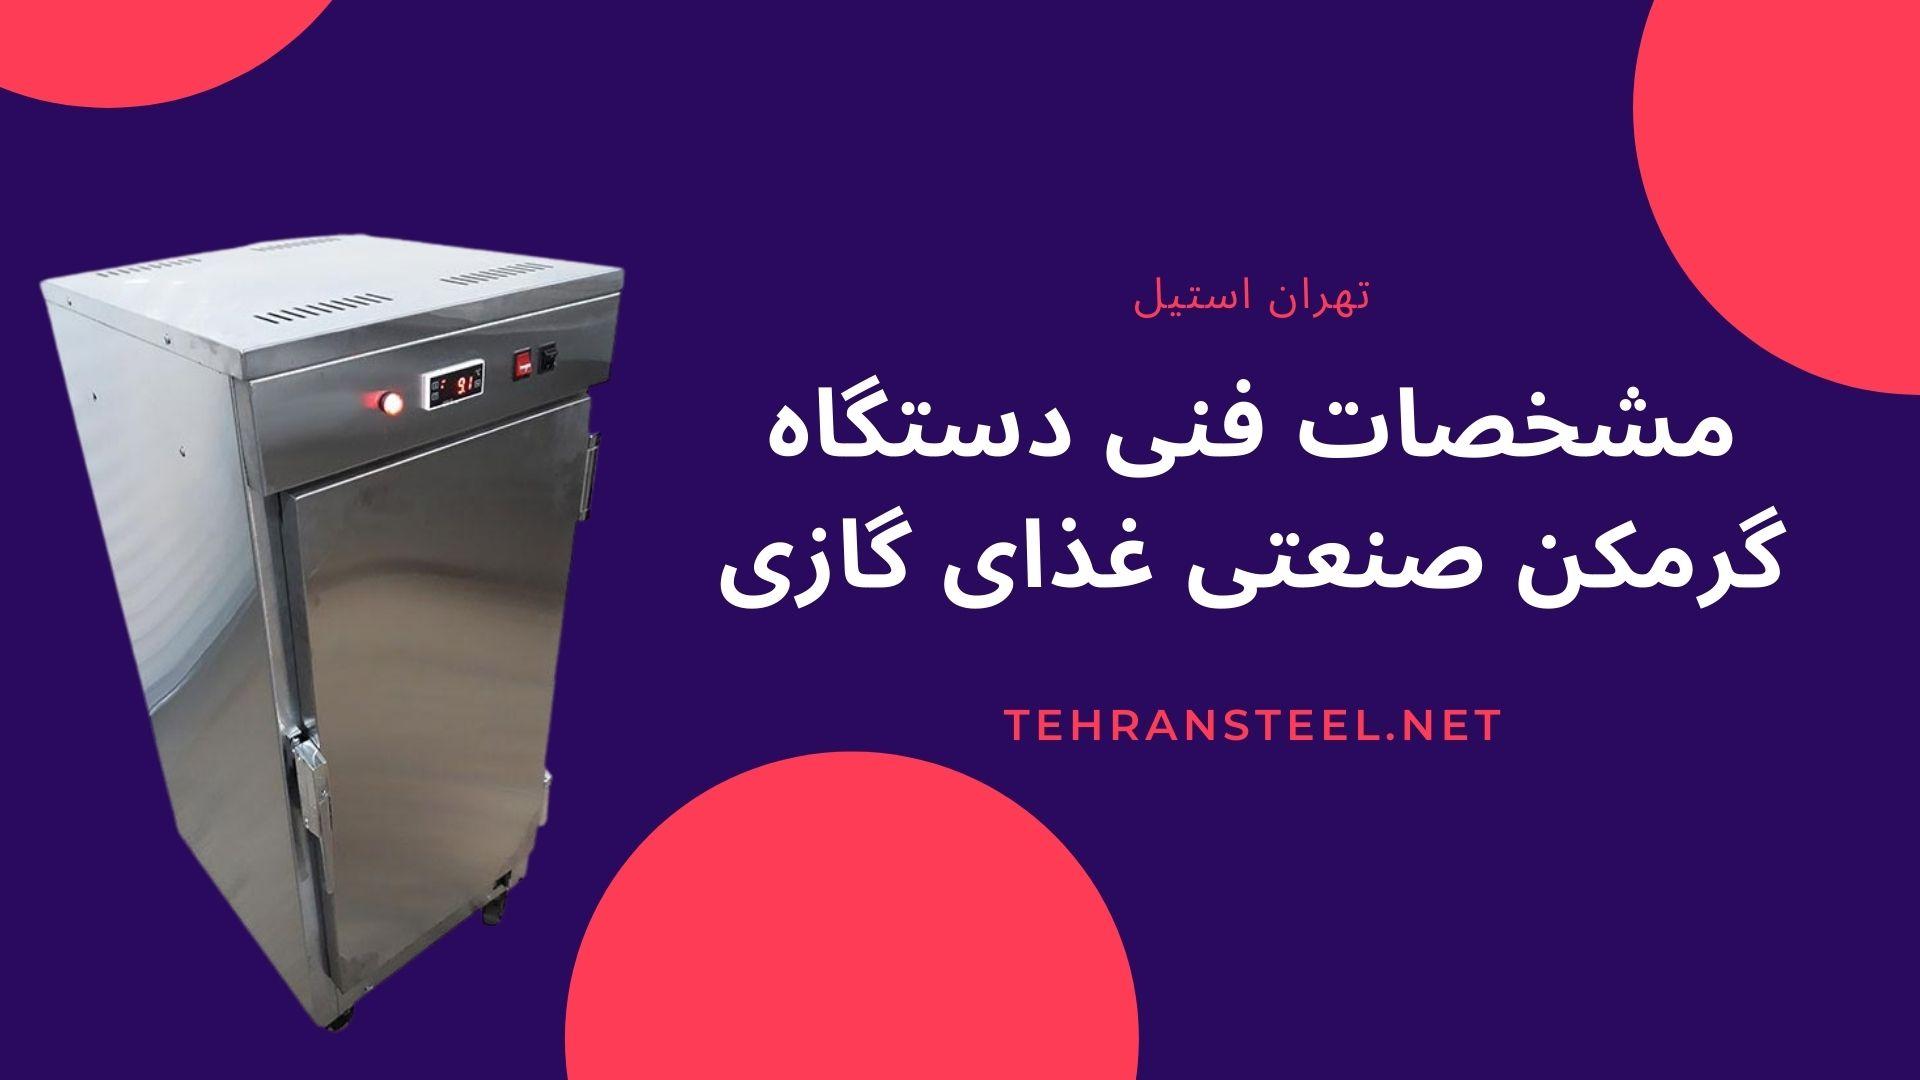 مشخصات فنی دستگاه گرمکن صنعتی غذای گازی